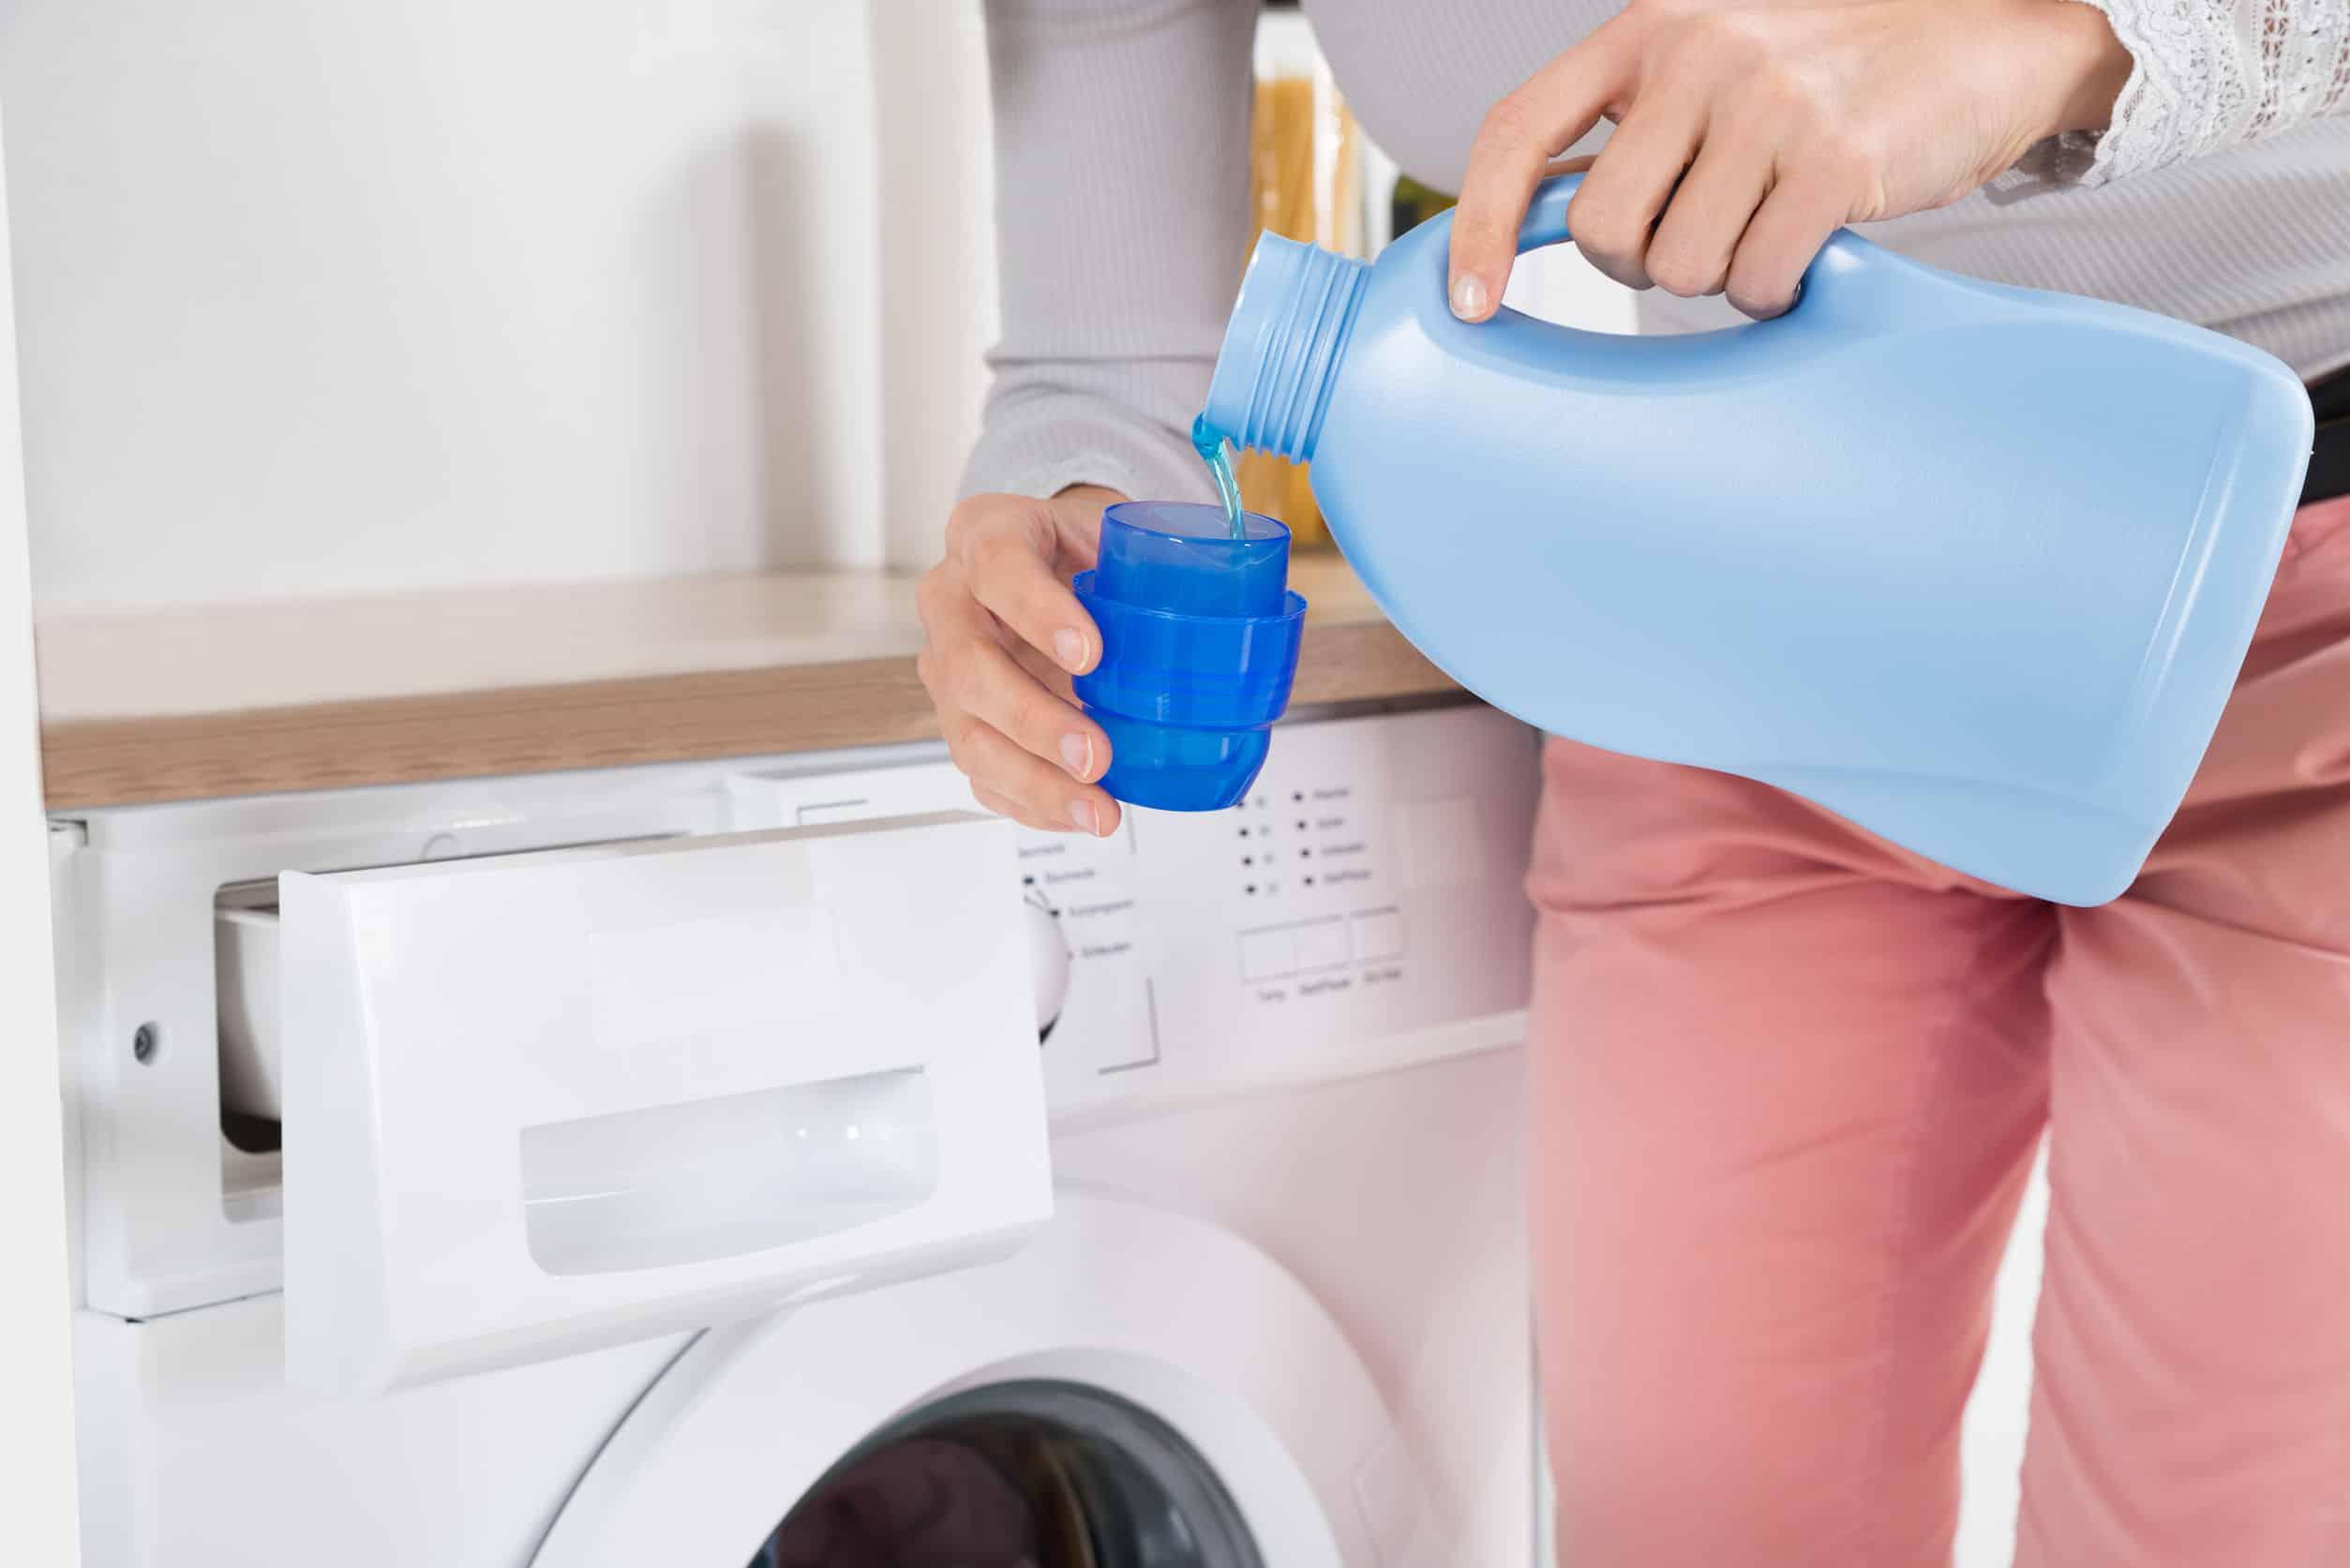 Detergente líquido: ¿Cuál es el mejor del 2020?